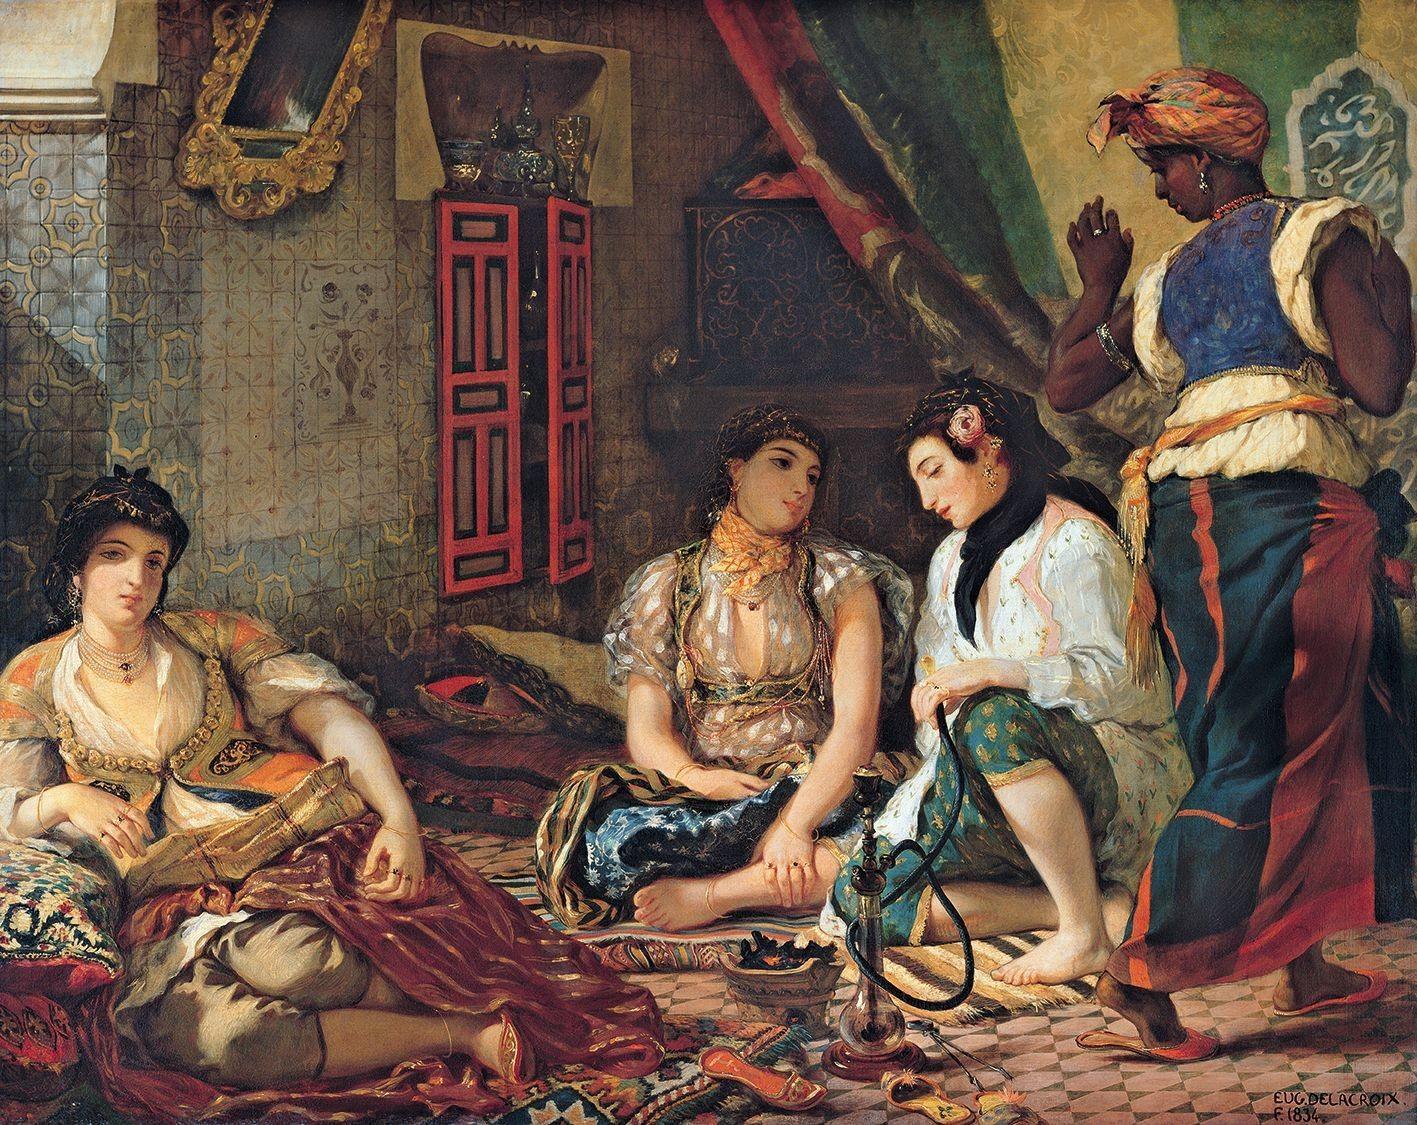 Eugène Delacroix, Le Naufrage de Don Juan, 1840